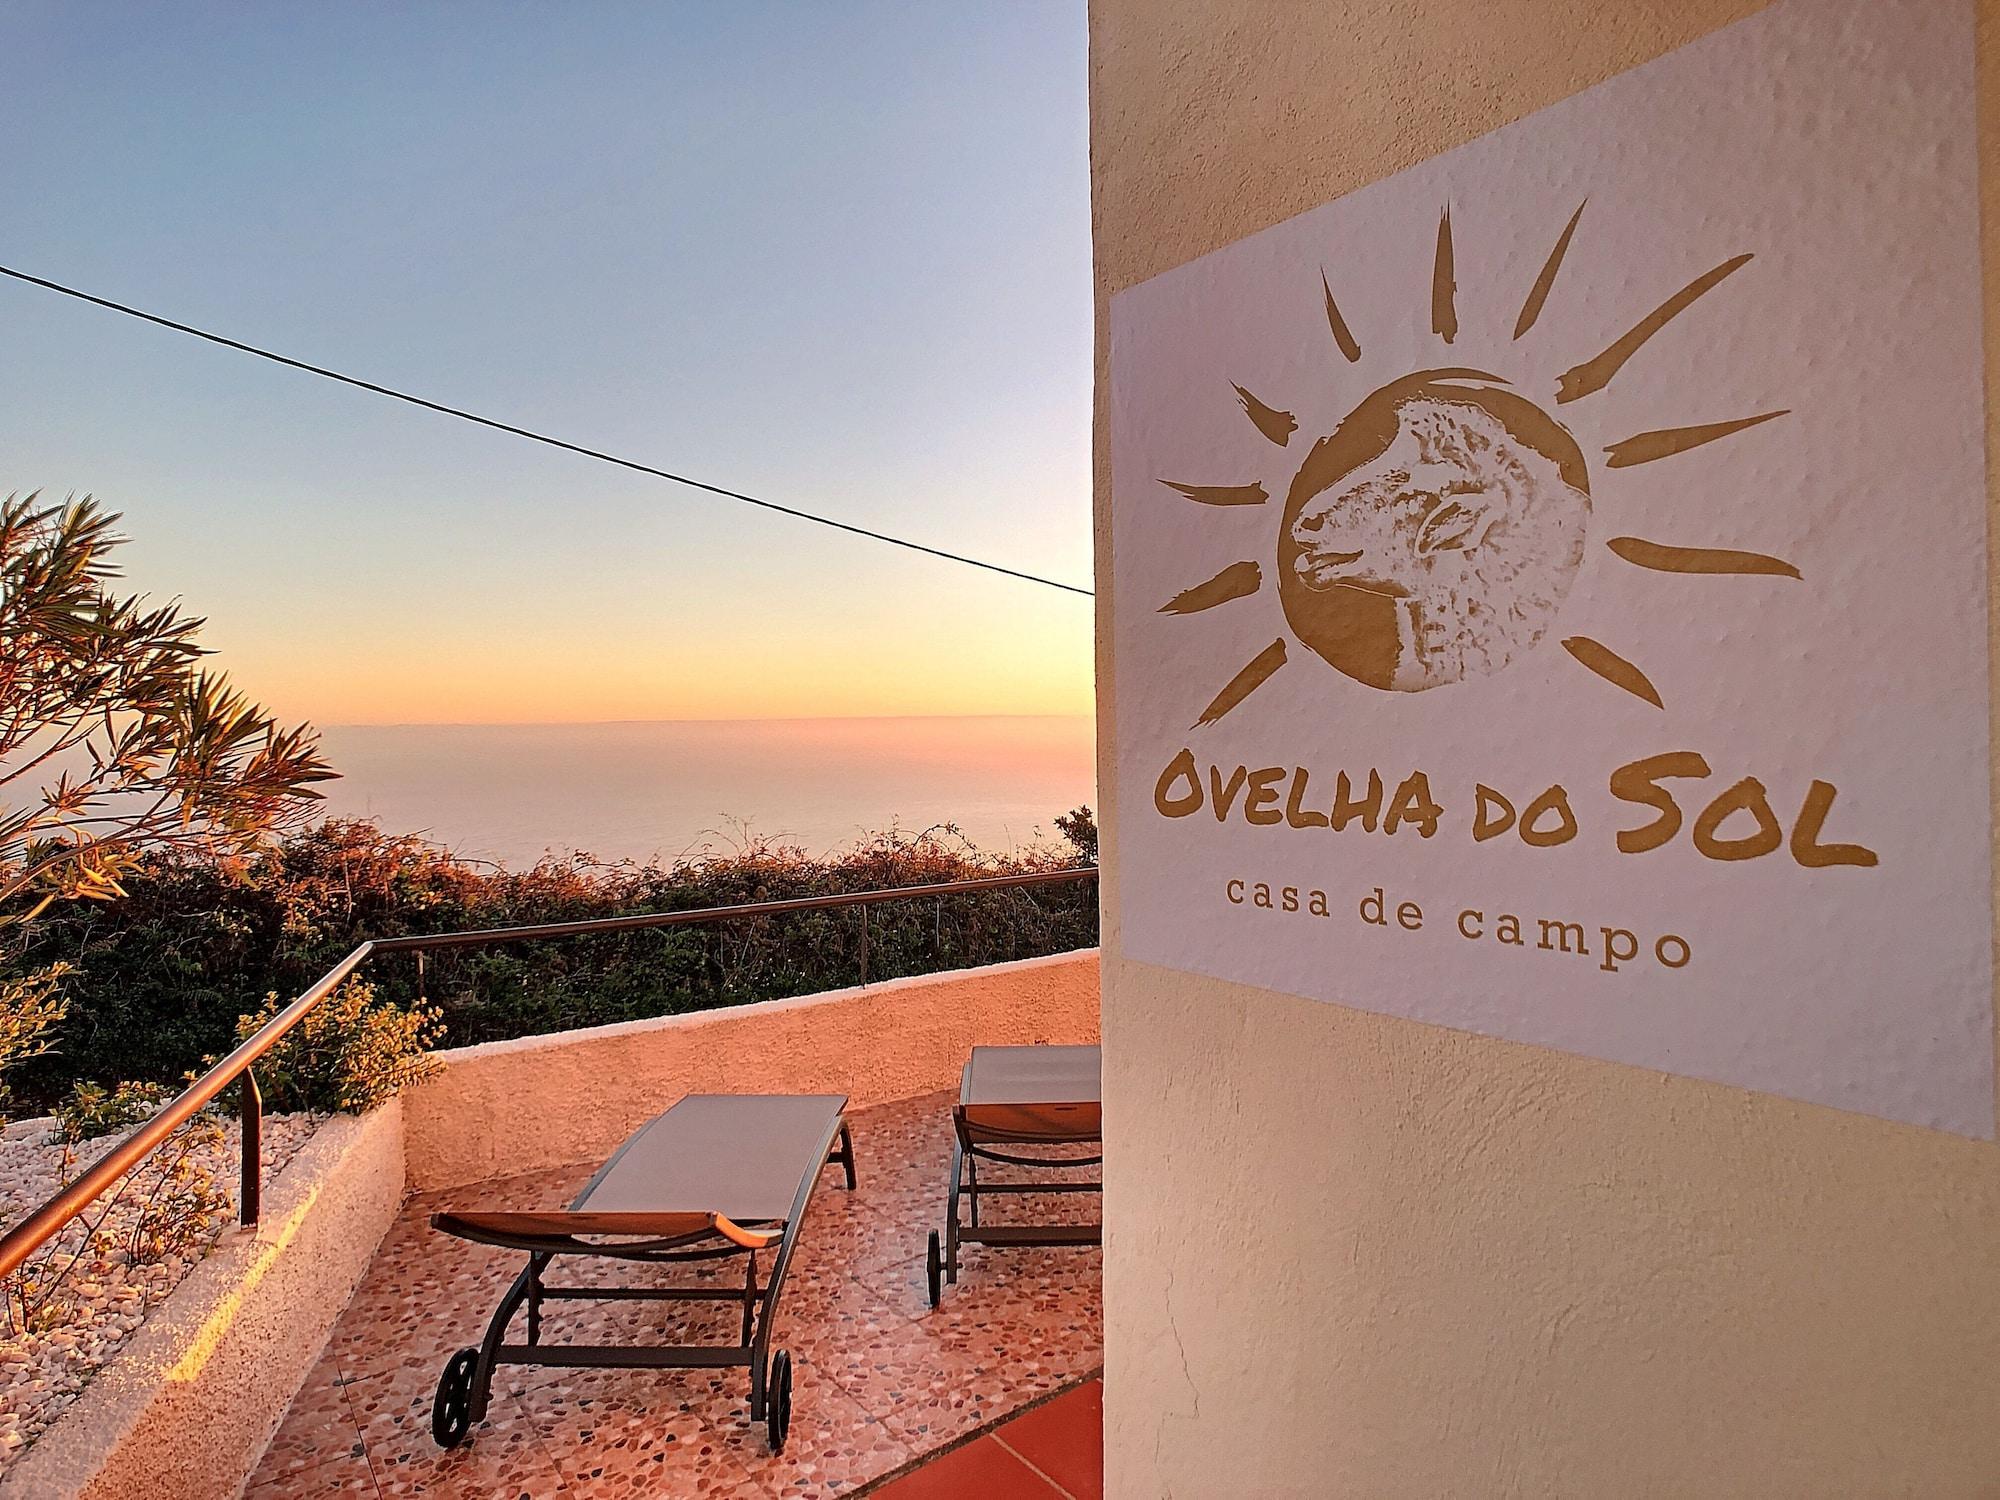 Ovelha do Sol by MHM, Calheta